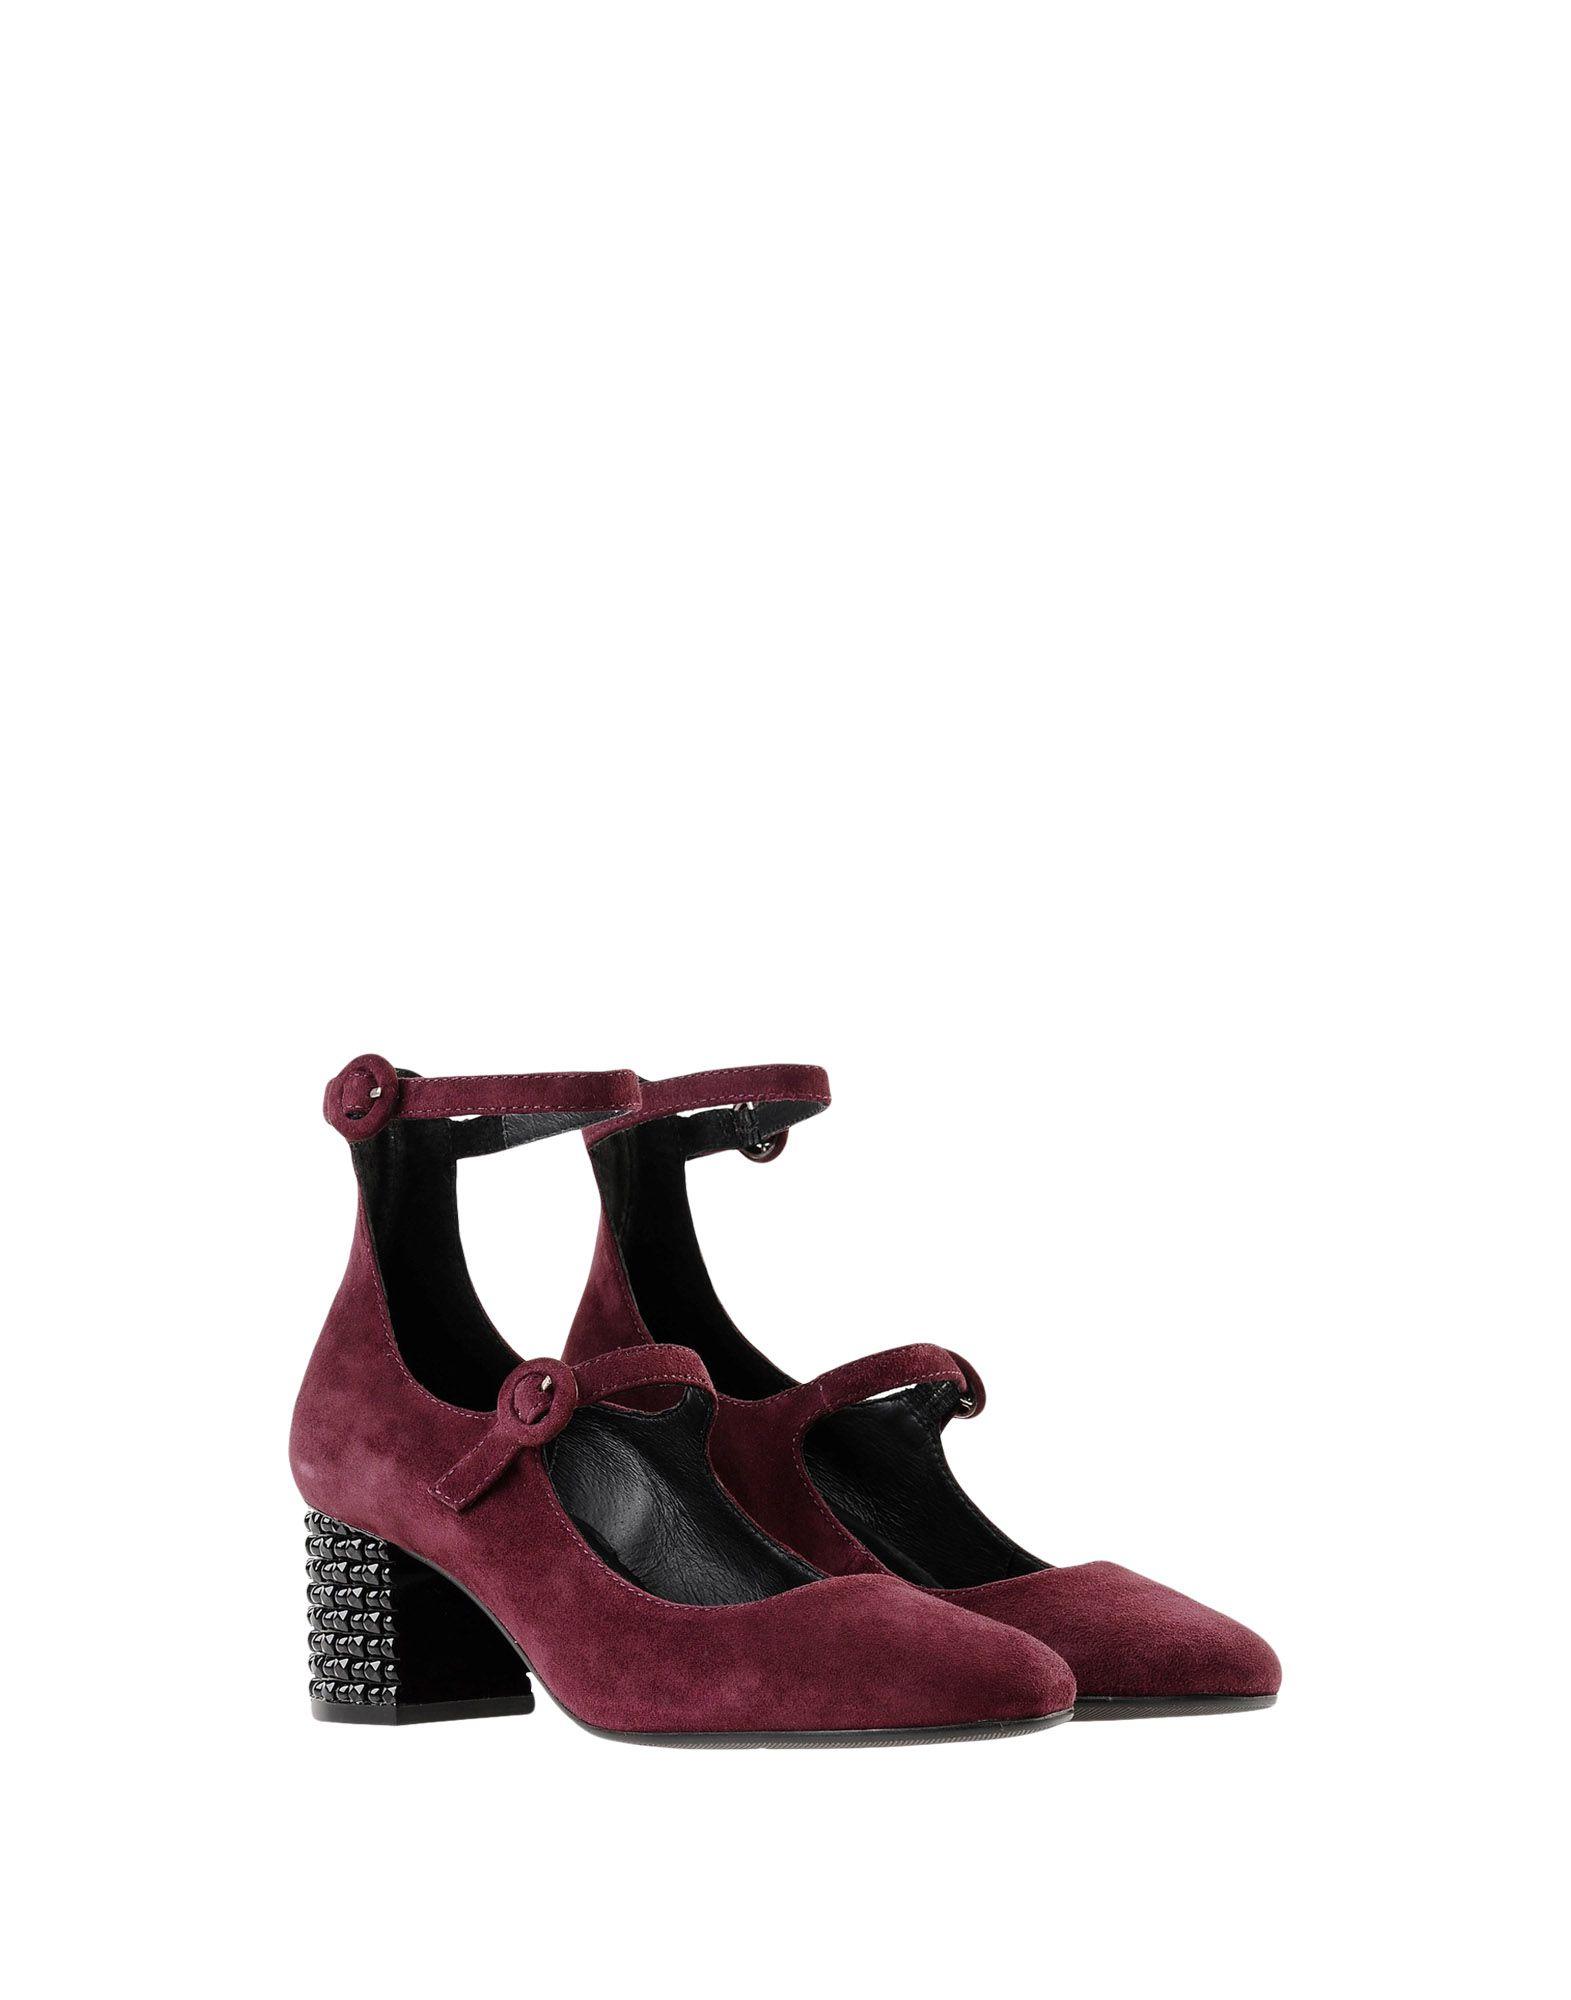 Gut Premi um billige Schuhe zu tragenBruno Premi Gut Pumps Damen  11538680SB 51434f